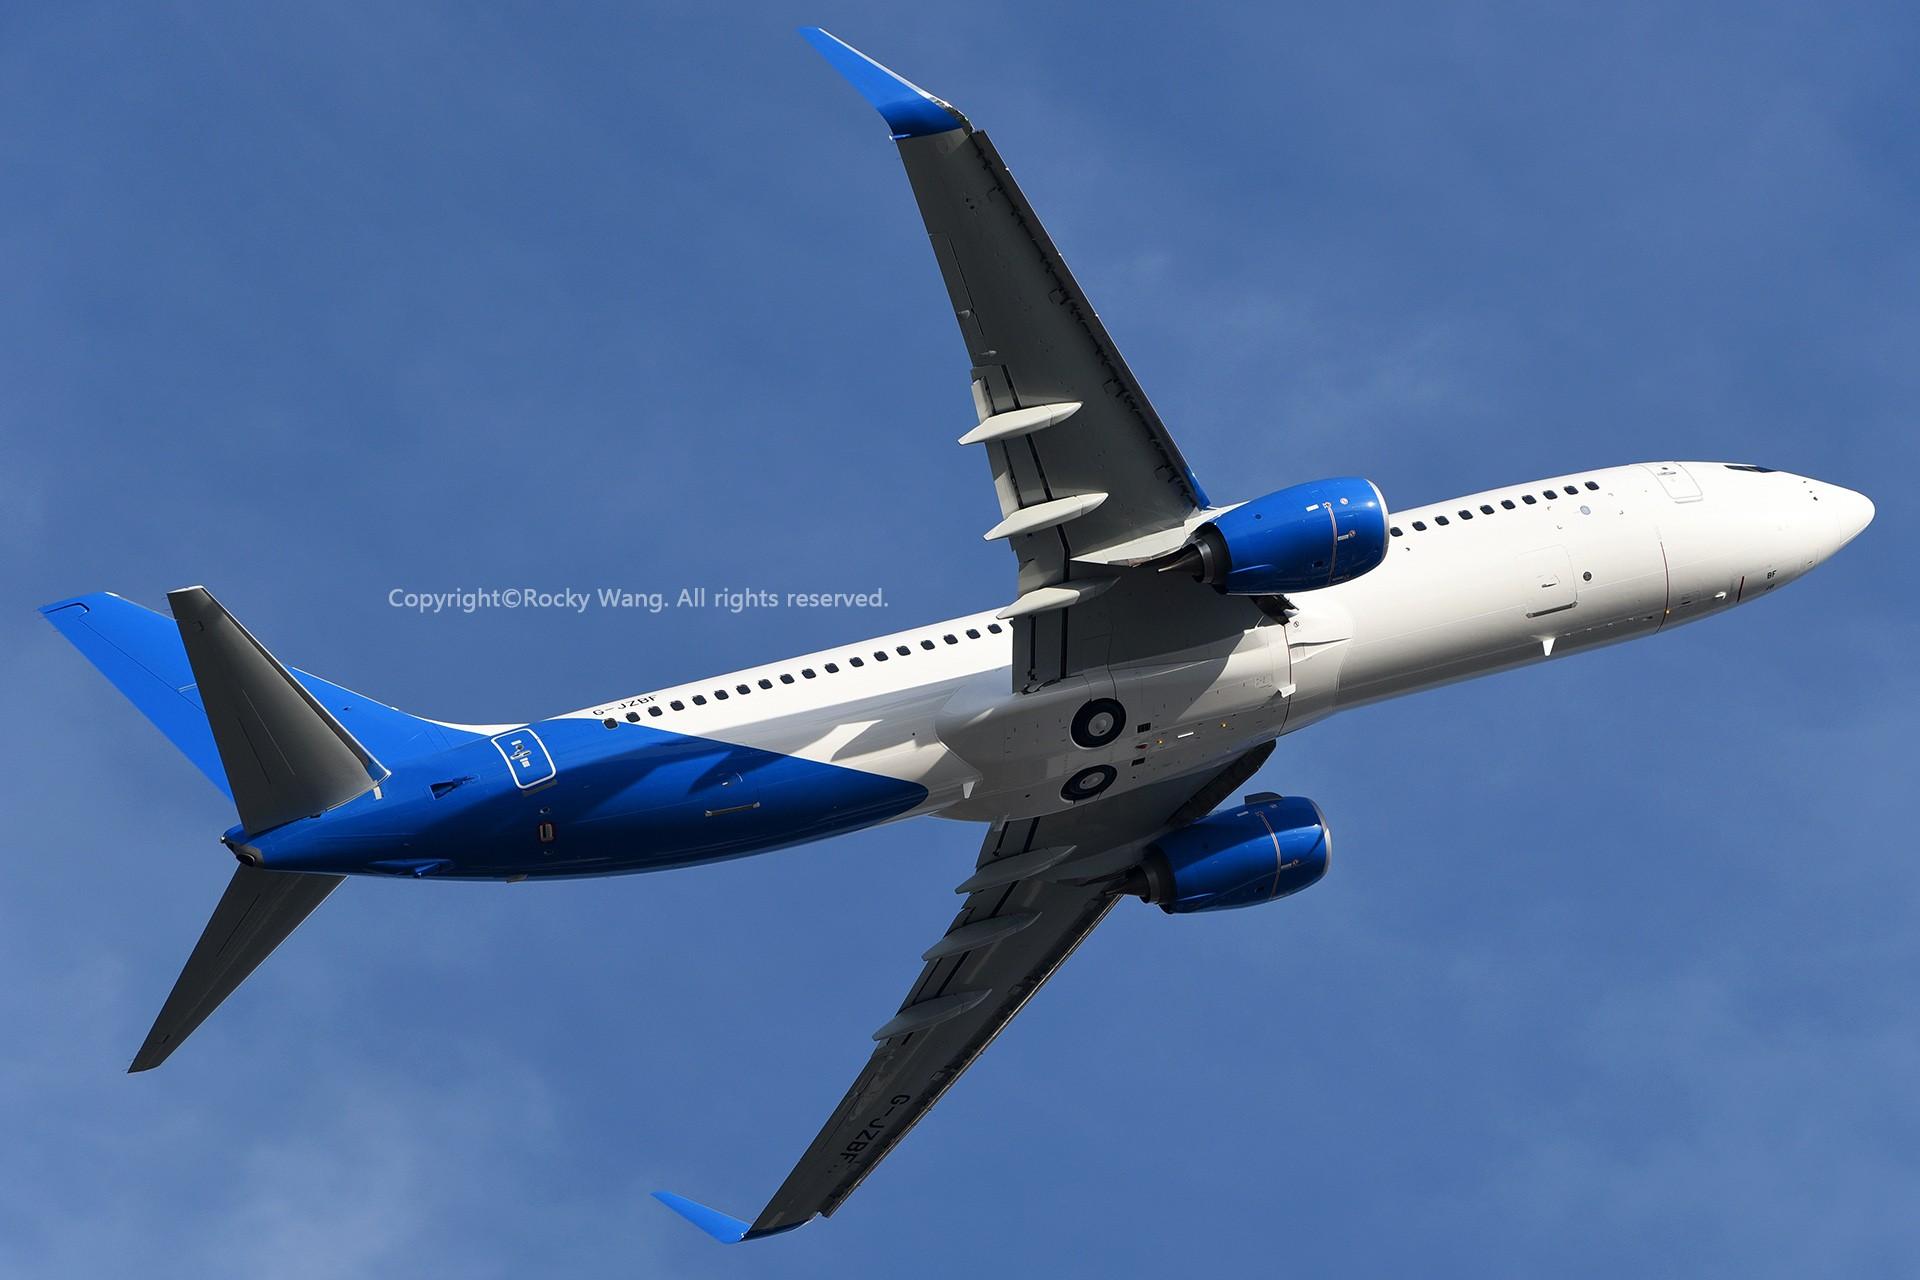 Re:[原创]Seattle 30图 BOEING 737-8MG G-JZBF Seattle Boeing Field/King County